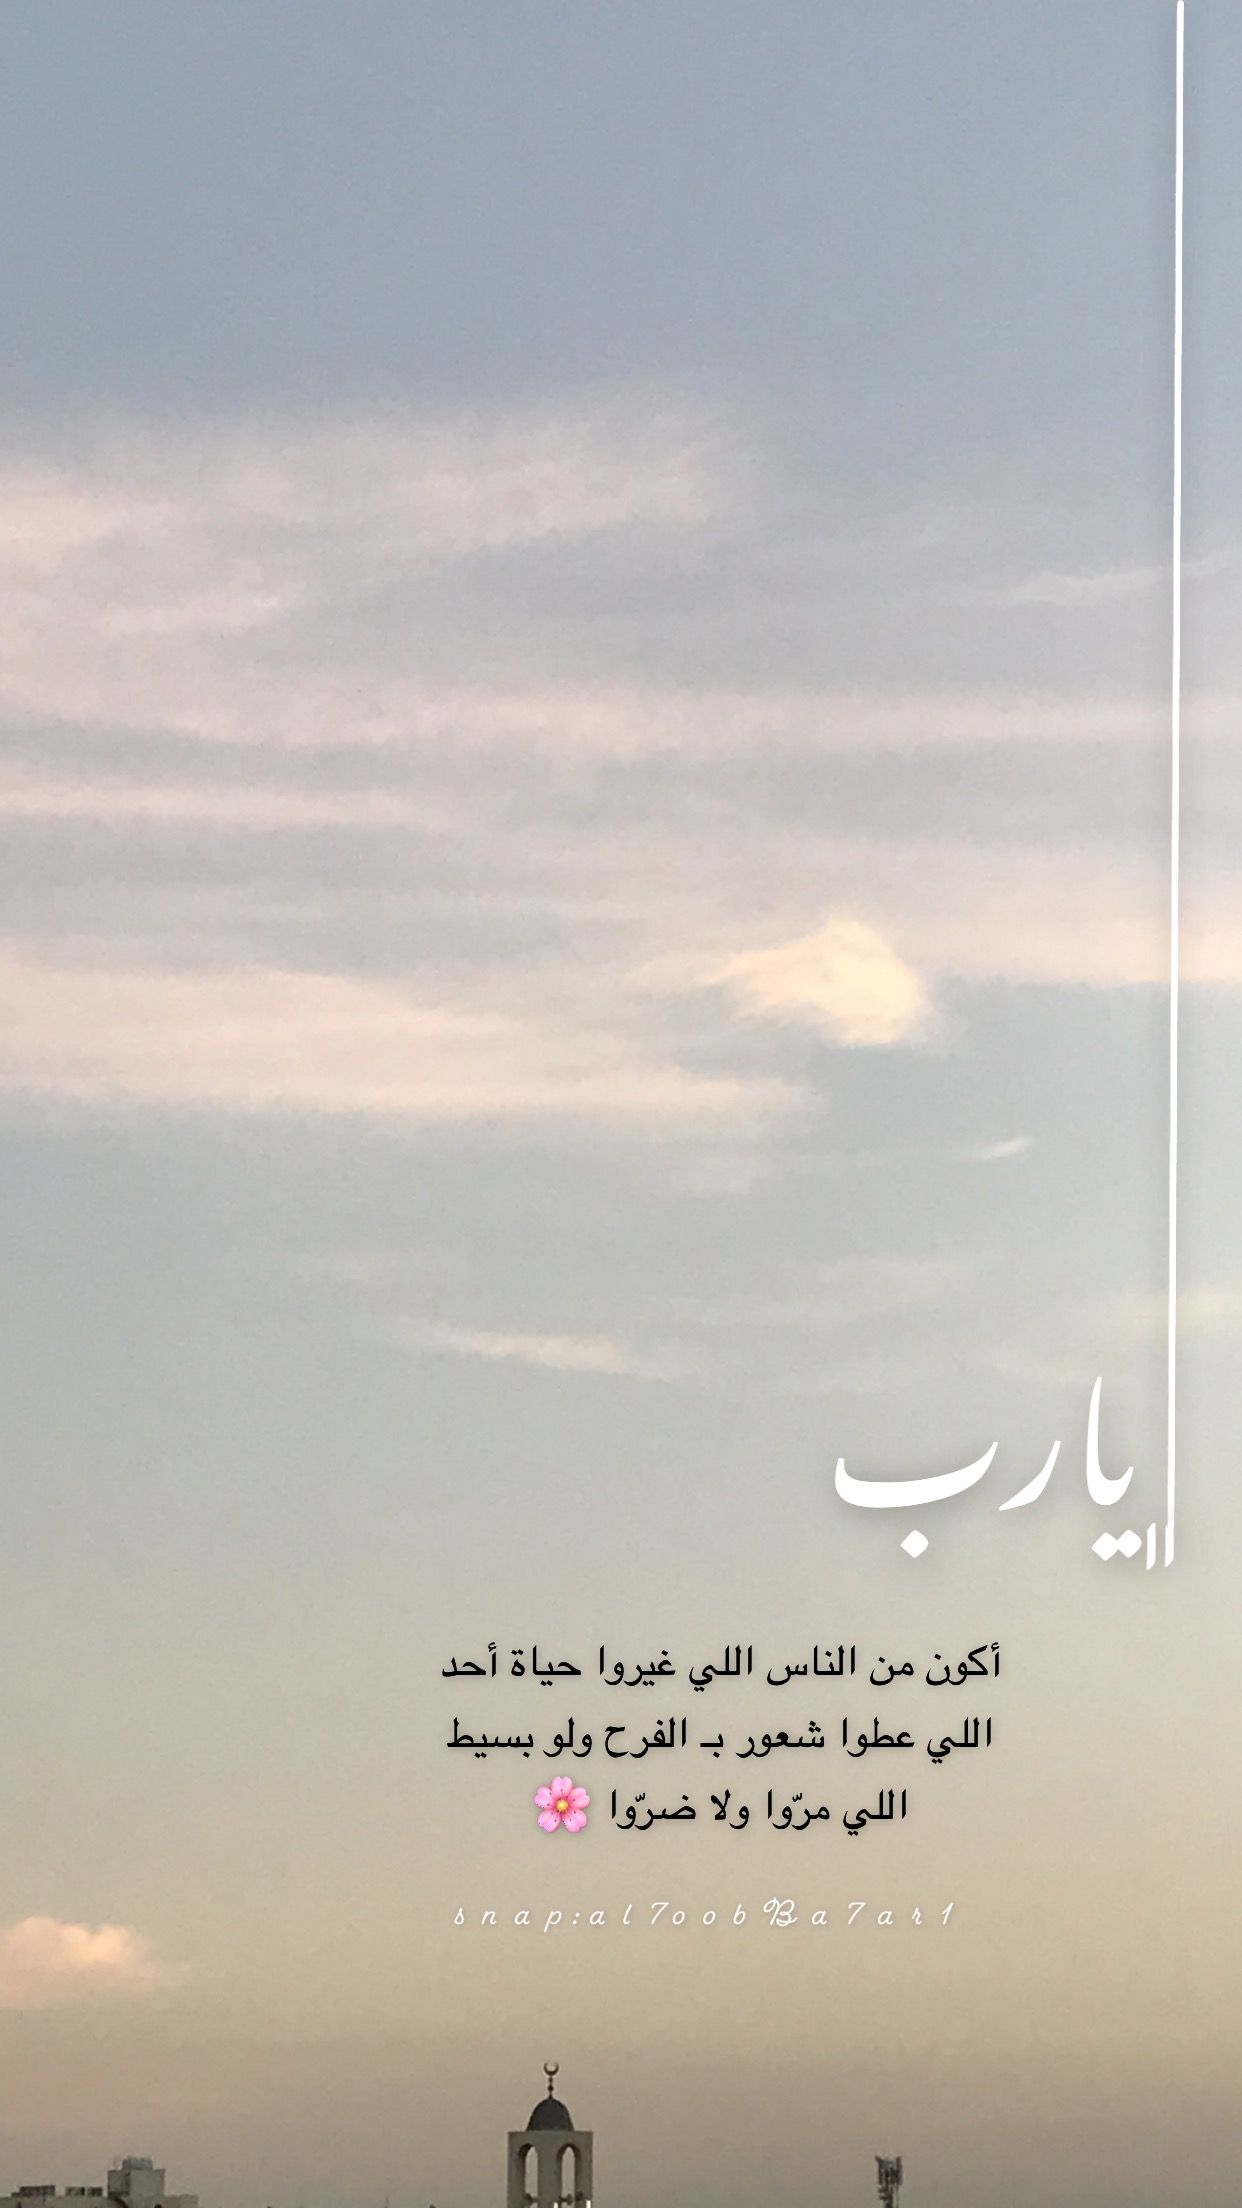 همسة أكون من الناس اللي غيروا حياة أحد اللي عطوا شعور بـ الفرح ولو بسيط اللي مر وا ولا ضر وا Islamic Inspirational Quotes Quran Quotes Love Alive Quotes